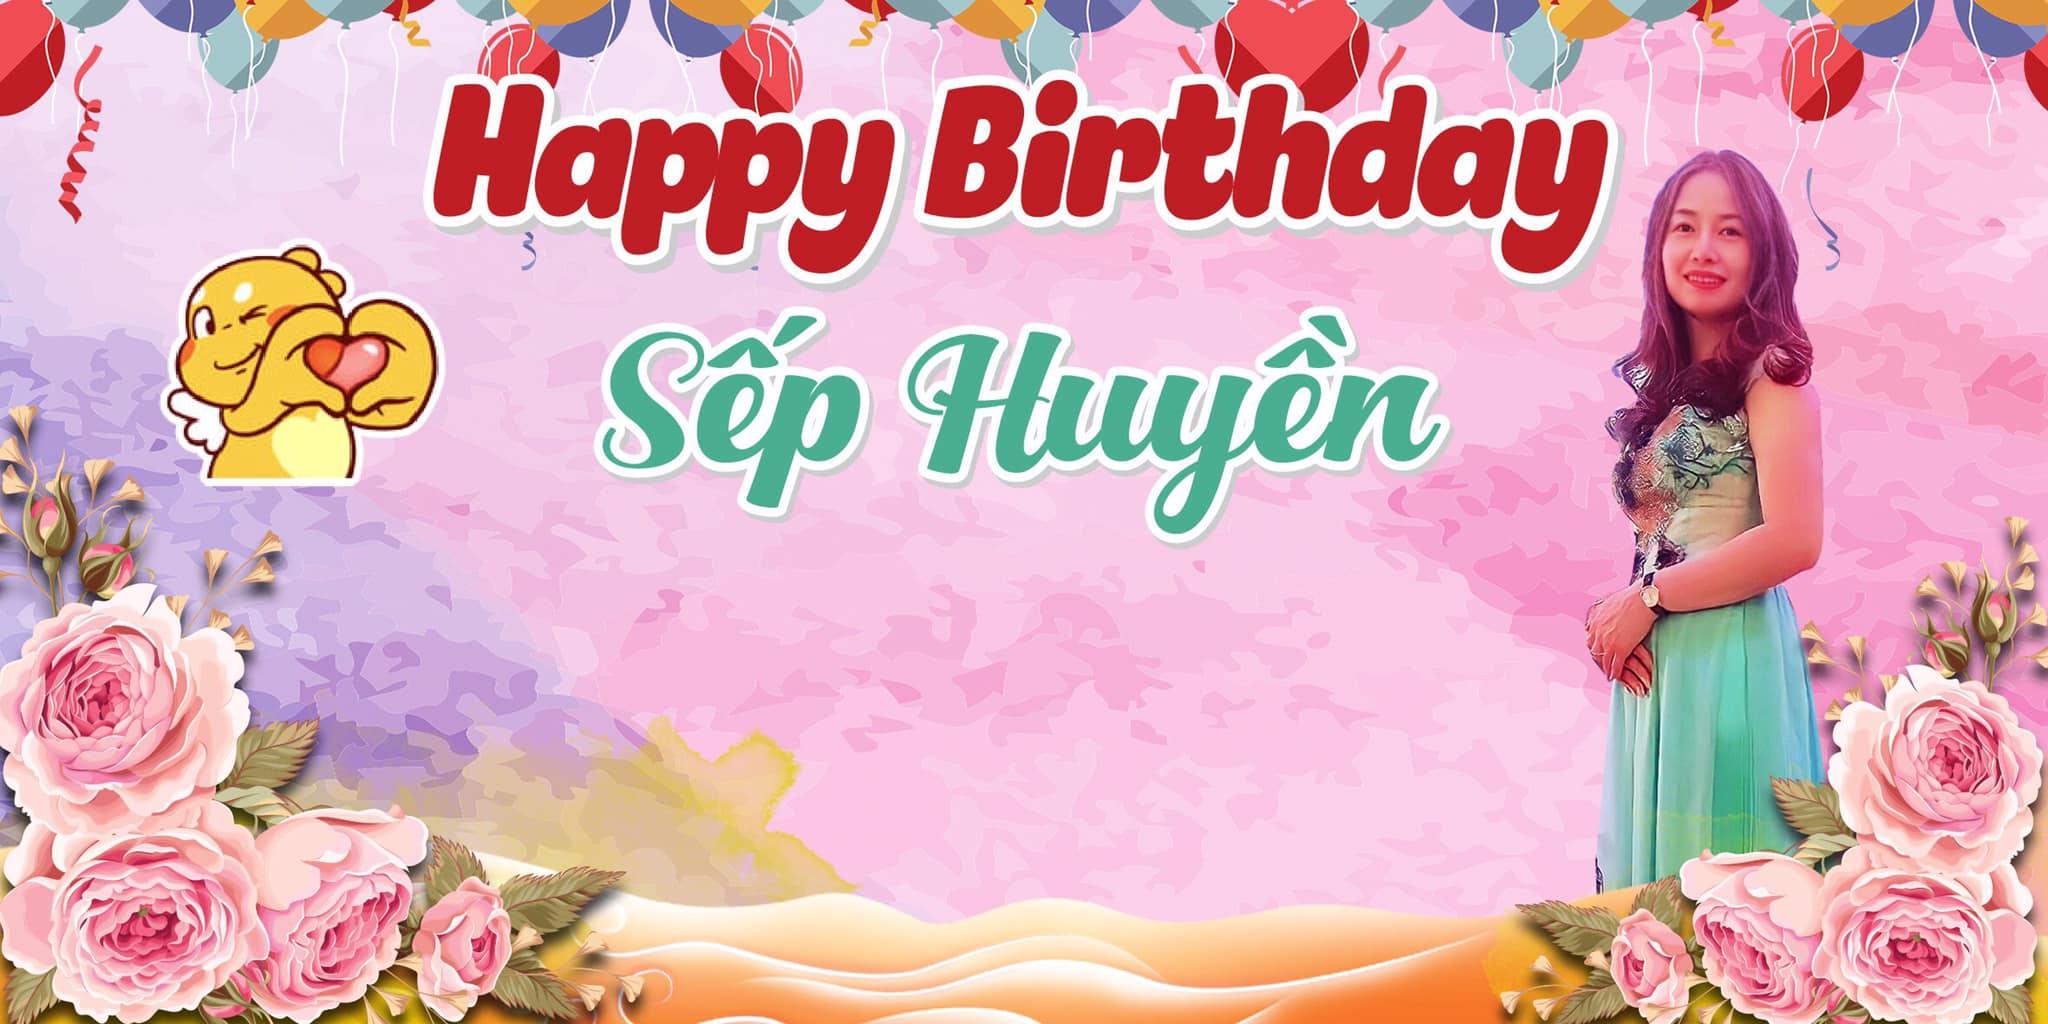 Happy Birthday Sếp Huyền !